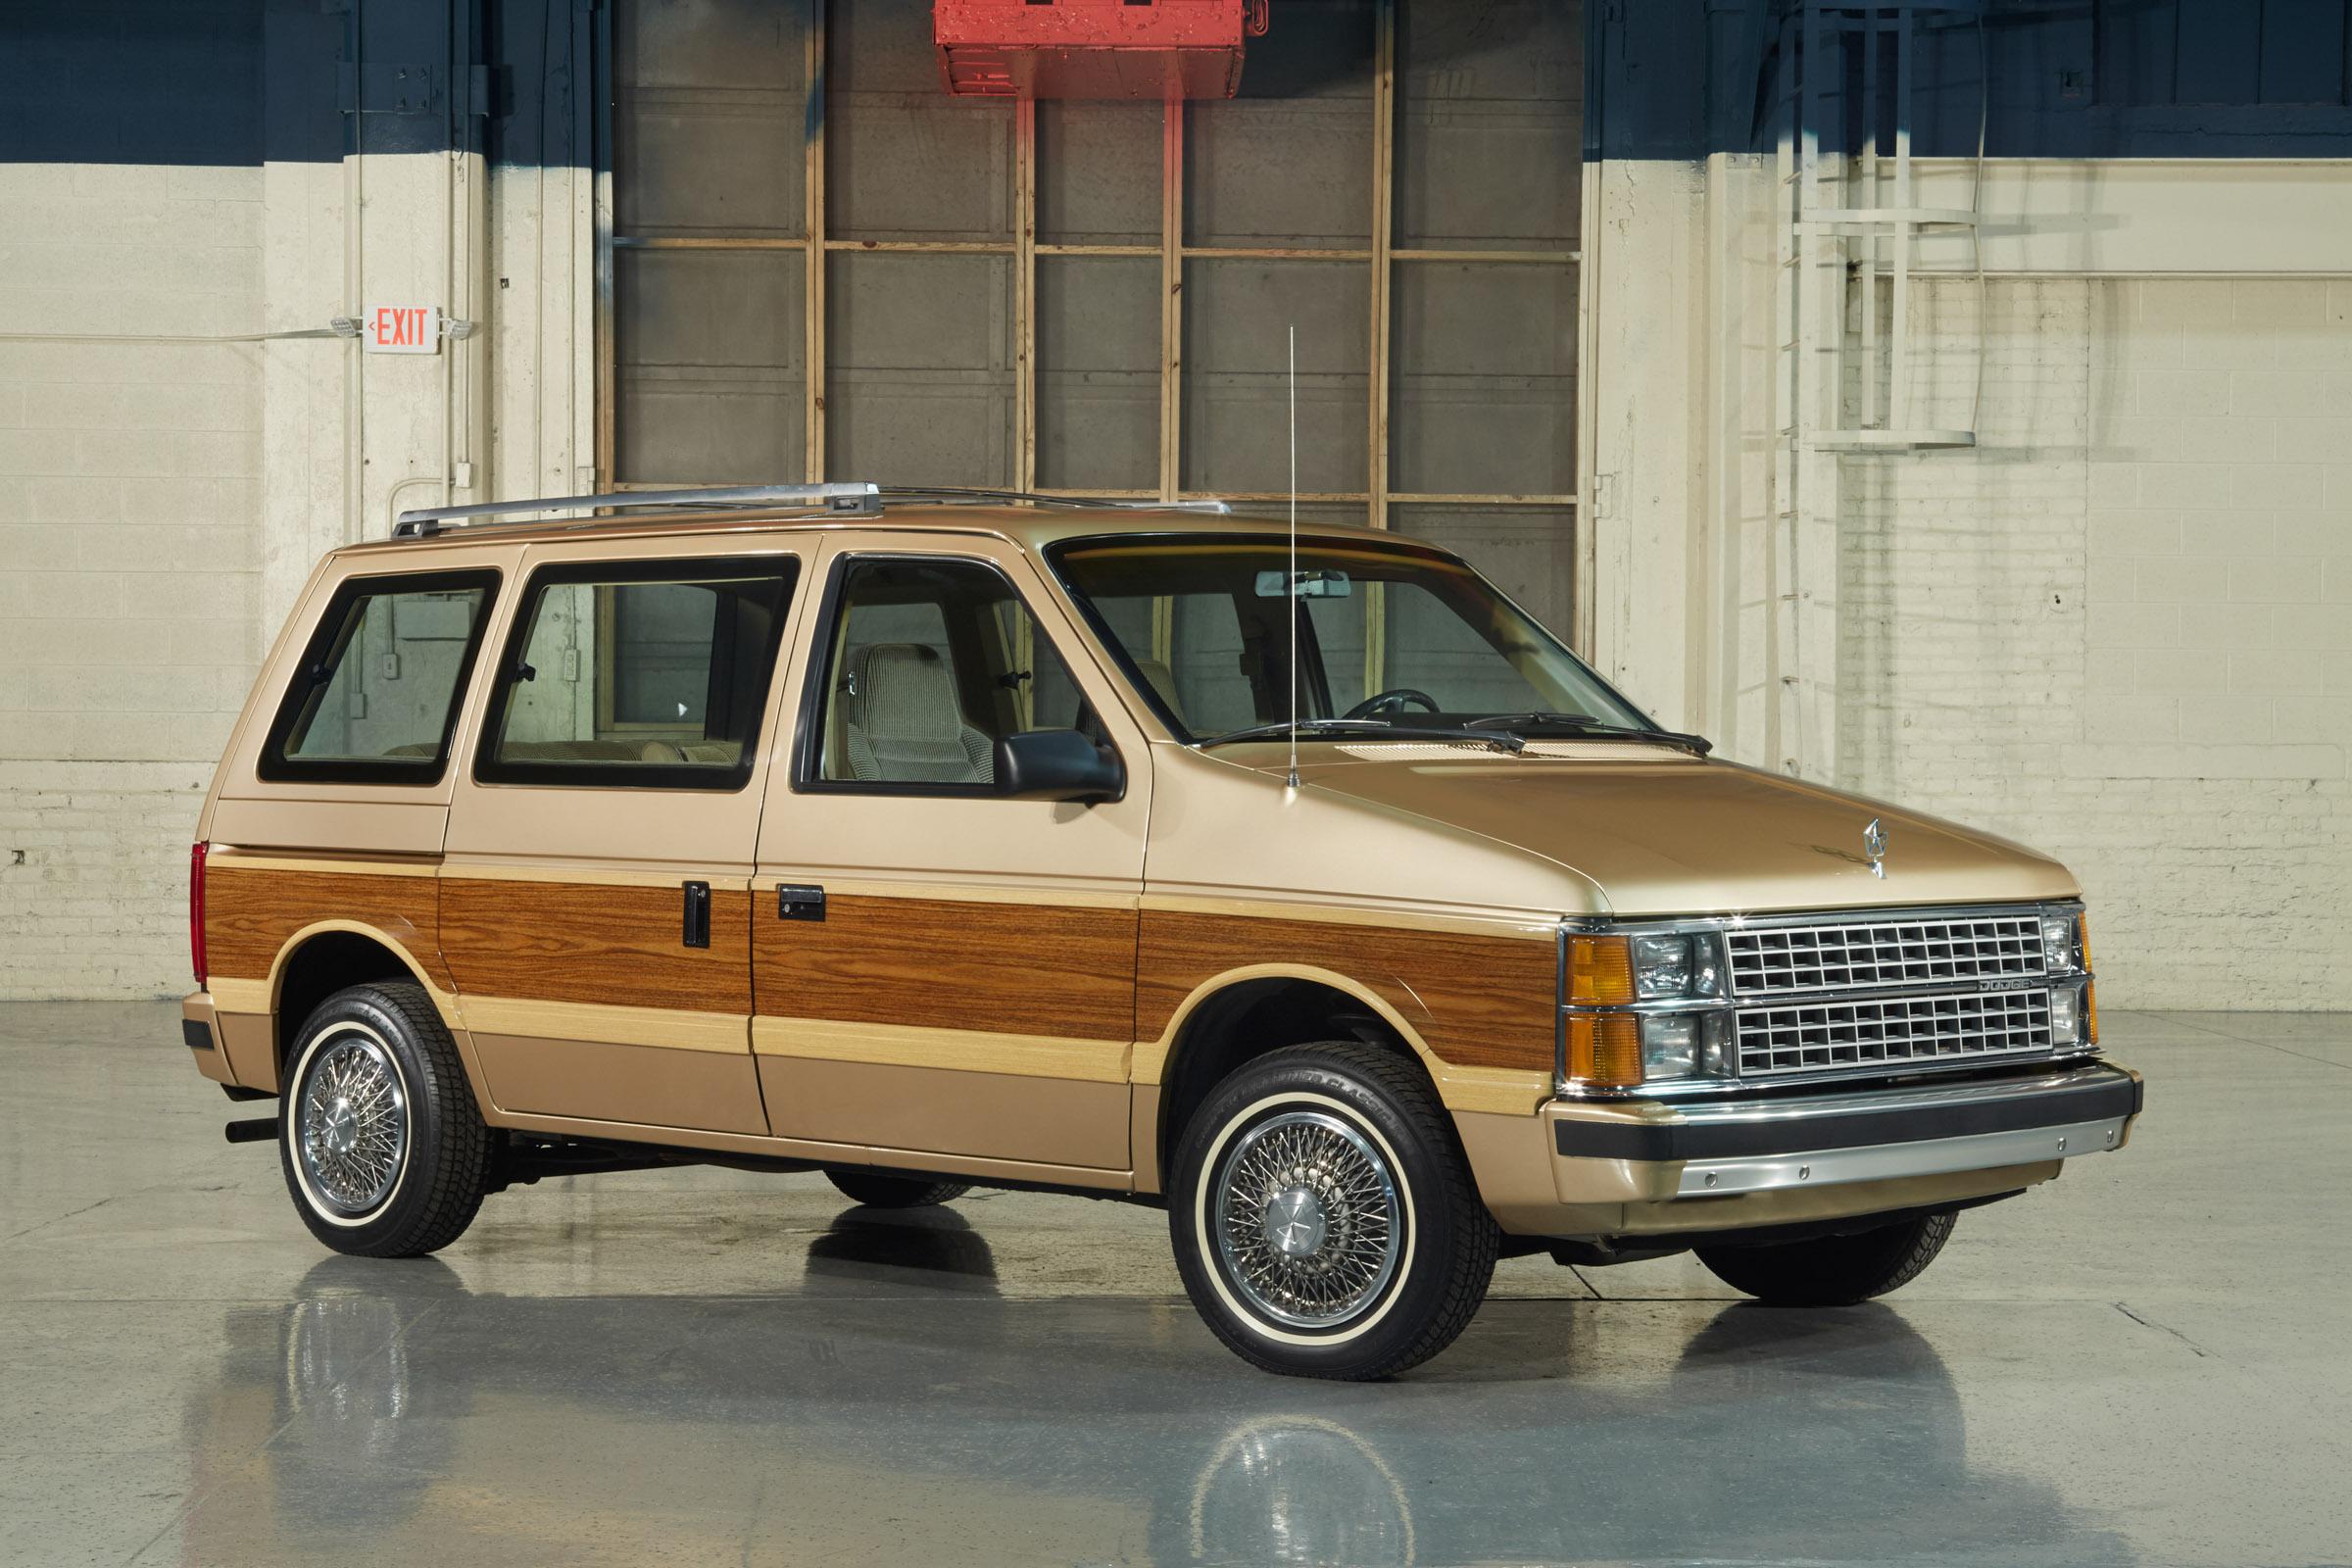 1984 Dodge Caravan front 3/4